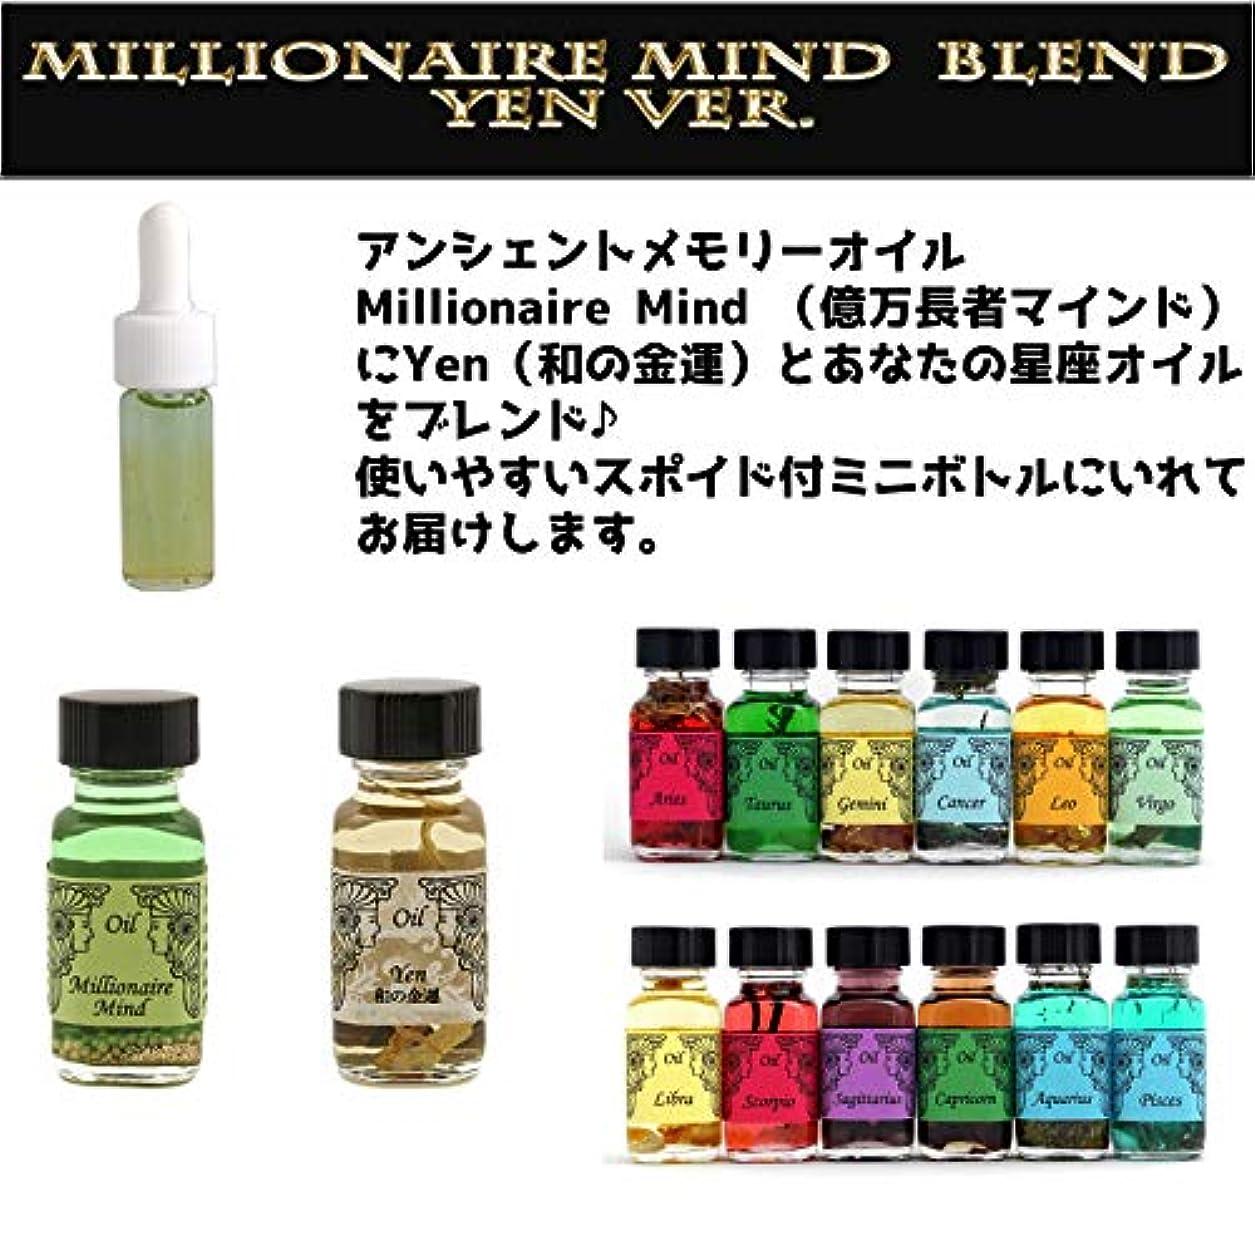 メイエラ中央値それぞれアンシェントメモリーオイル Millionaire Mind 億万長者マインド ブレンド【Yen 和の金運&うお座】